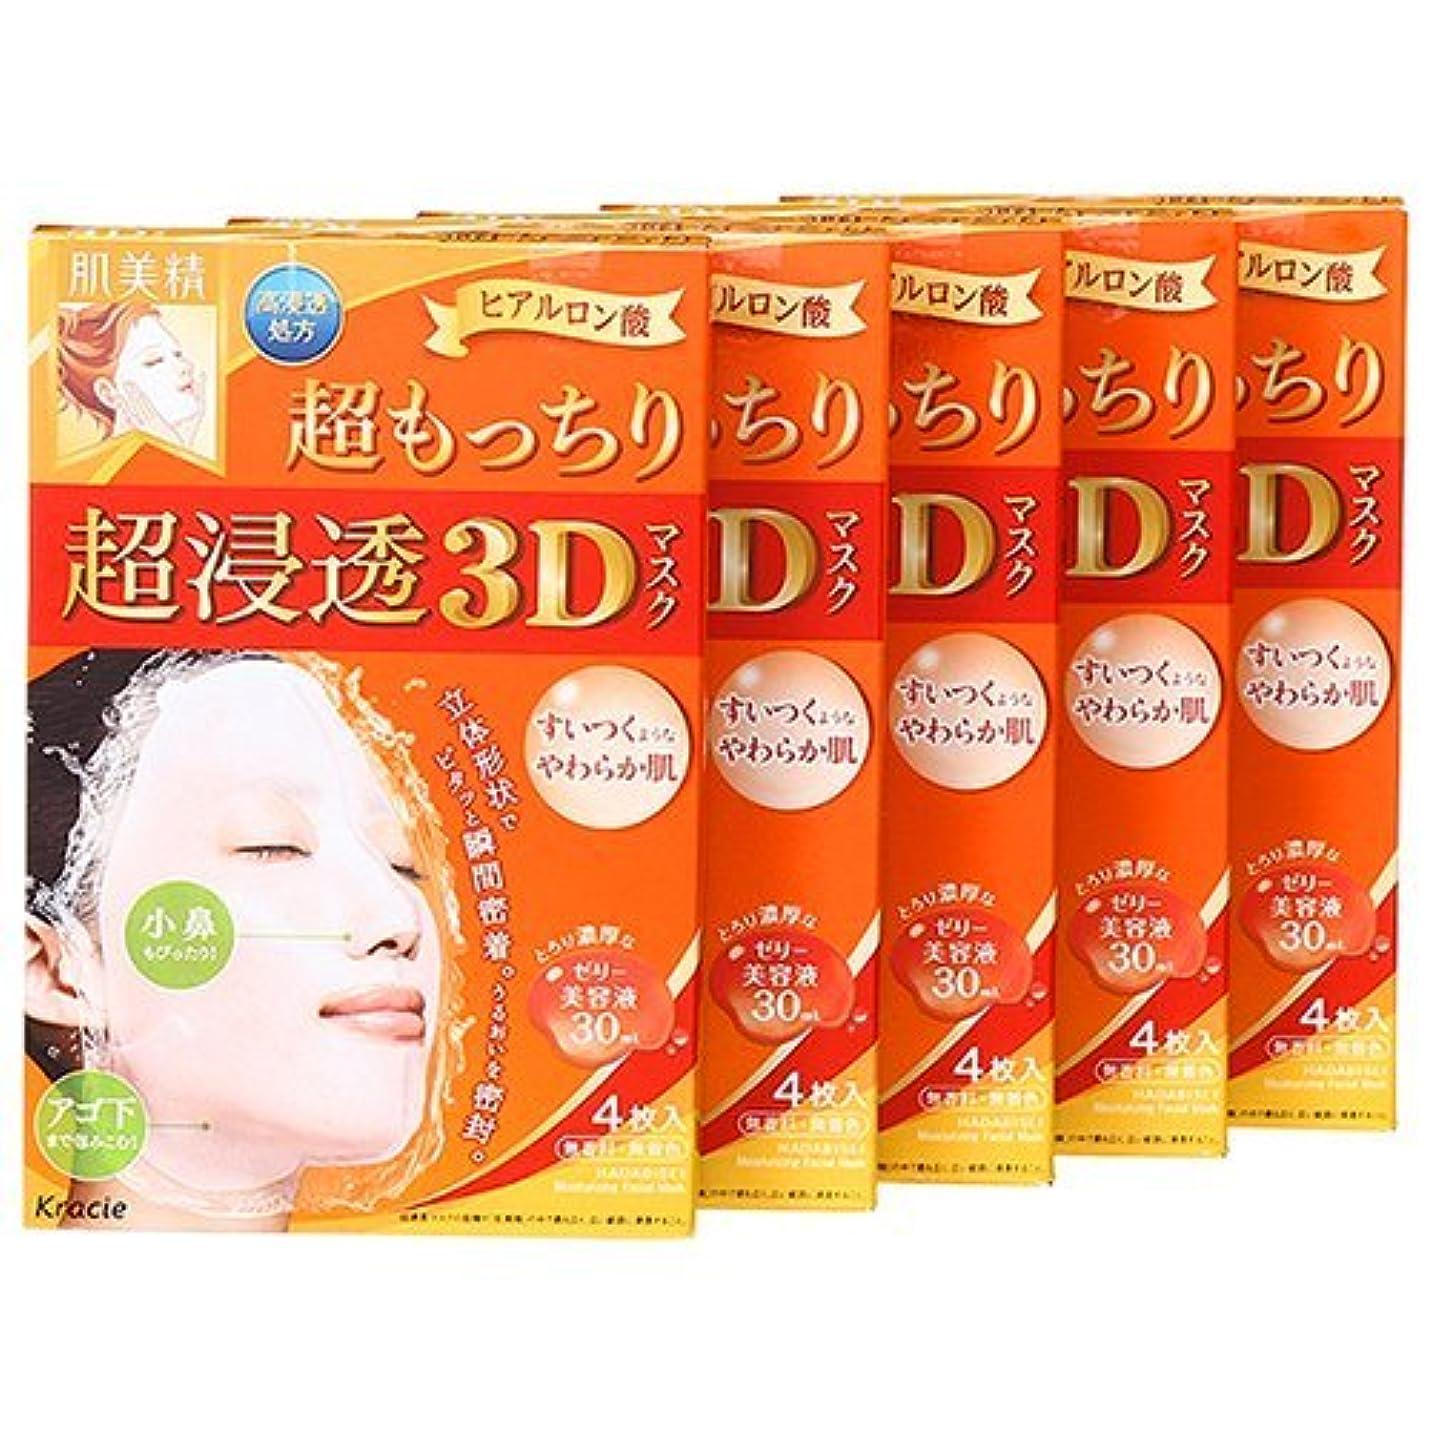 首相タフ特徴づけるクラシエホームプロダクツ 肌美精 超浸透3Dマスク 超もっちり 4枚入 (美容液30mL/1枚) 5点セット [並行輸入品]